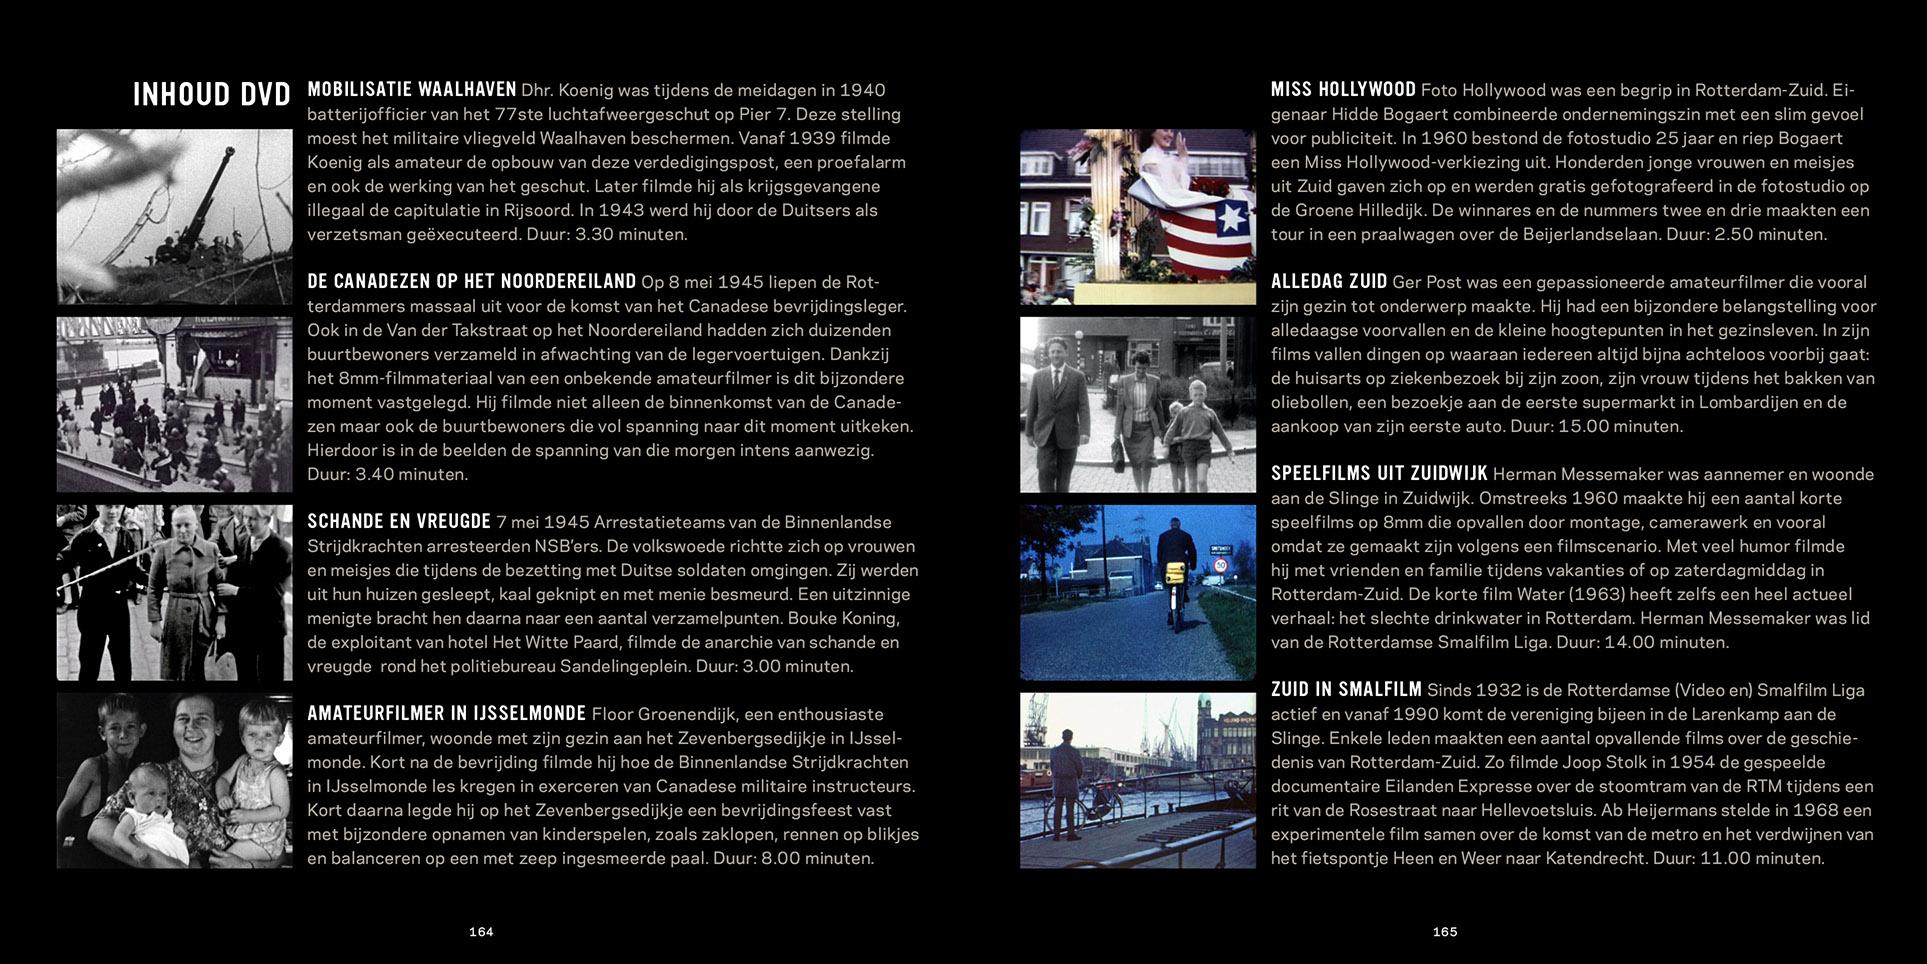 Uitgeverij Diafragma - Zuid van Binnenuit, Uitgeverij Diafragma, het gemaal, fotografie, amateurfotografie, rotterdam, rotterdam-zuid, familiealbum, amateurfoto, Ben Maandag, tentoonstelling